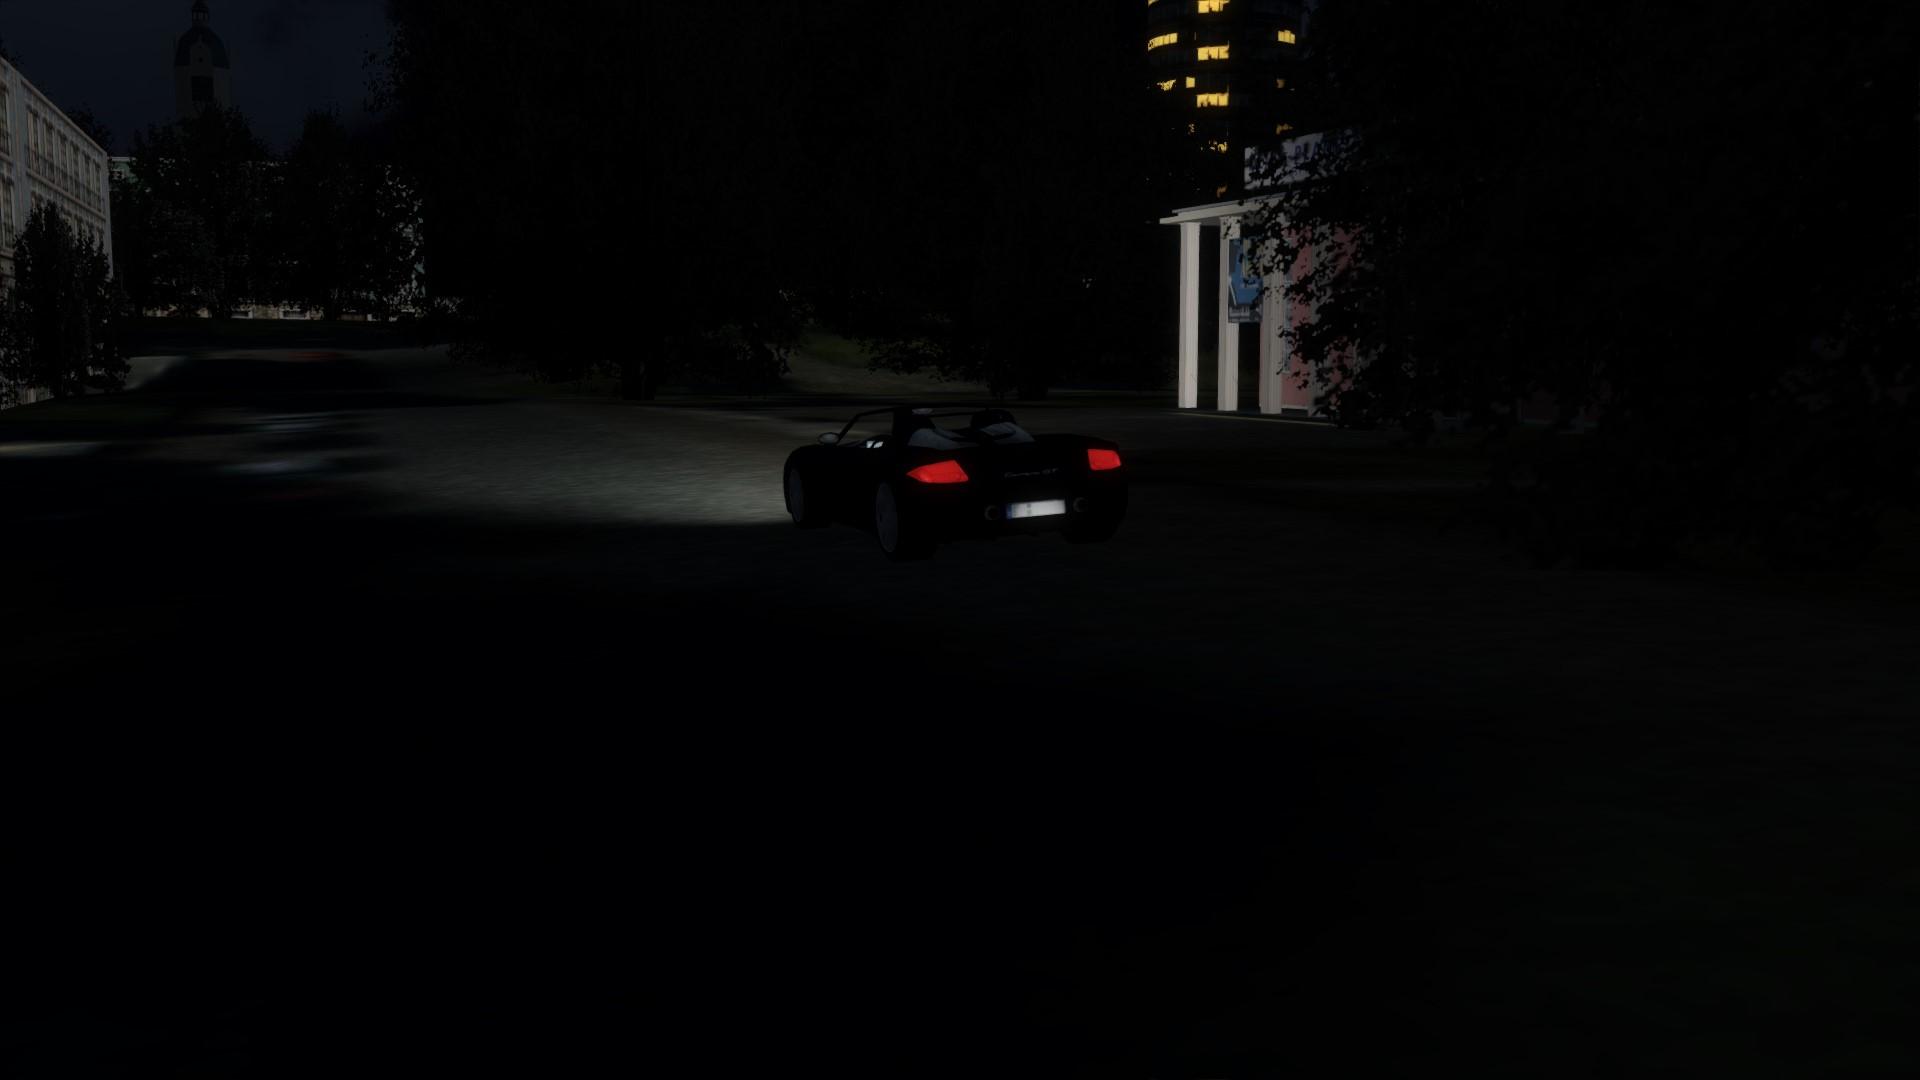 porsche_carrera_gt_dynamic_lights.jpg